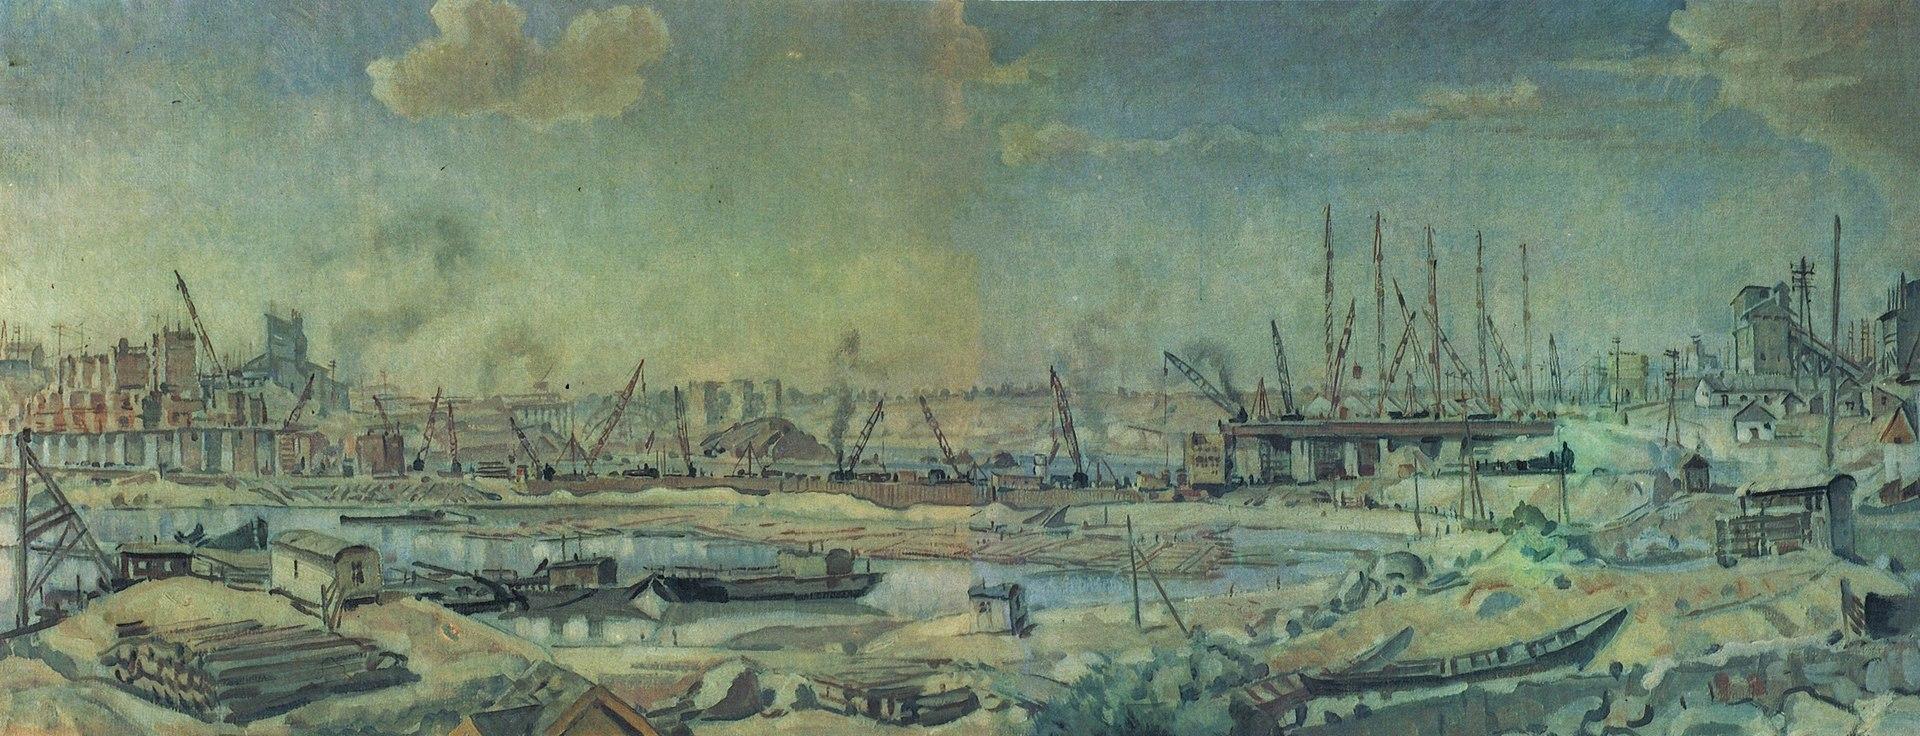 1920px-Bogaevsky_Industrial_Landscape_2.jpg